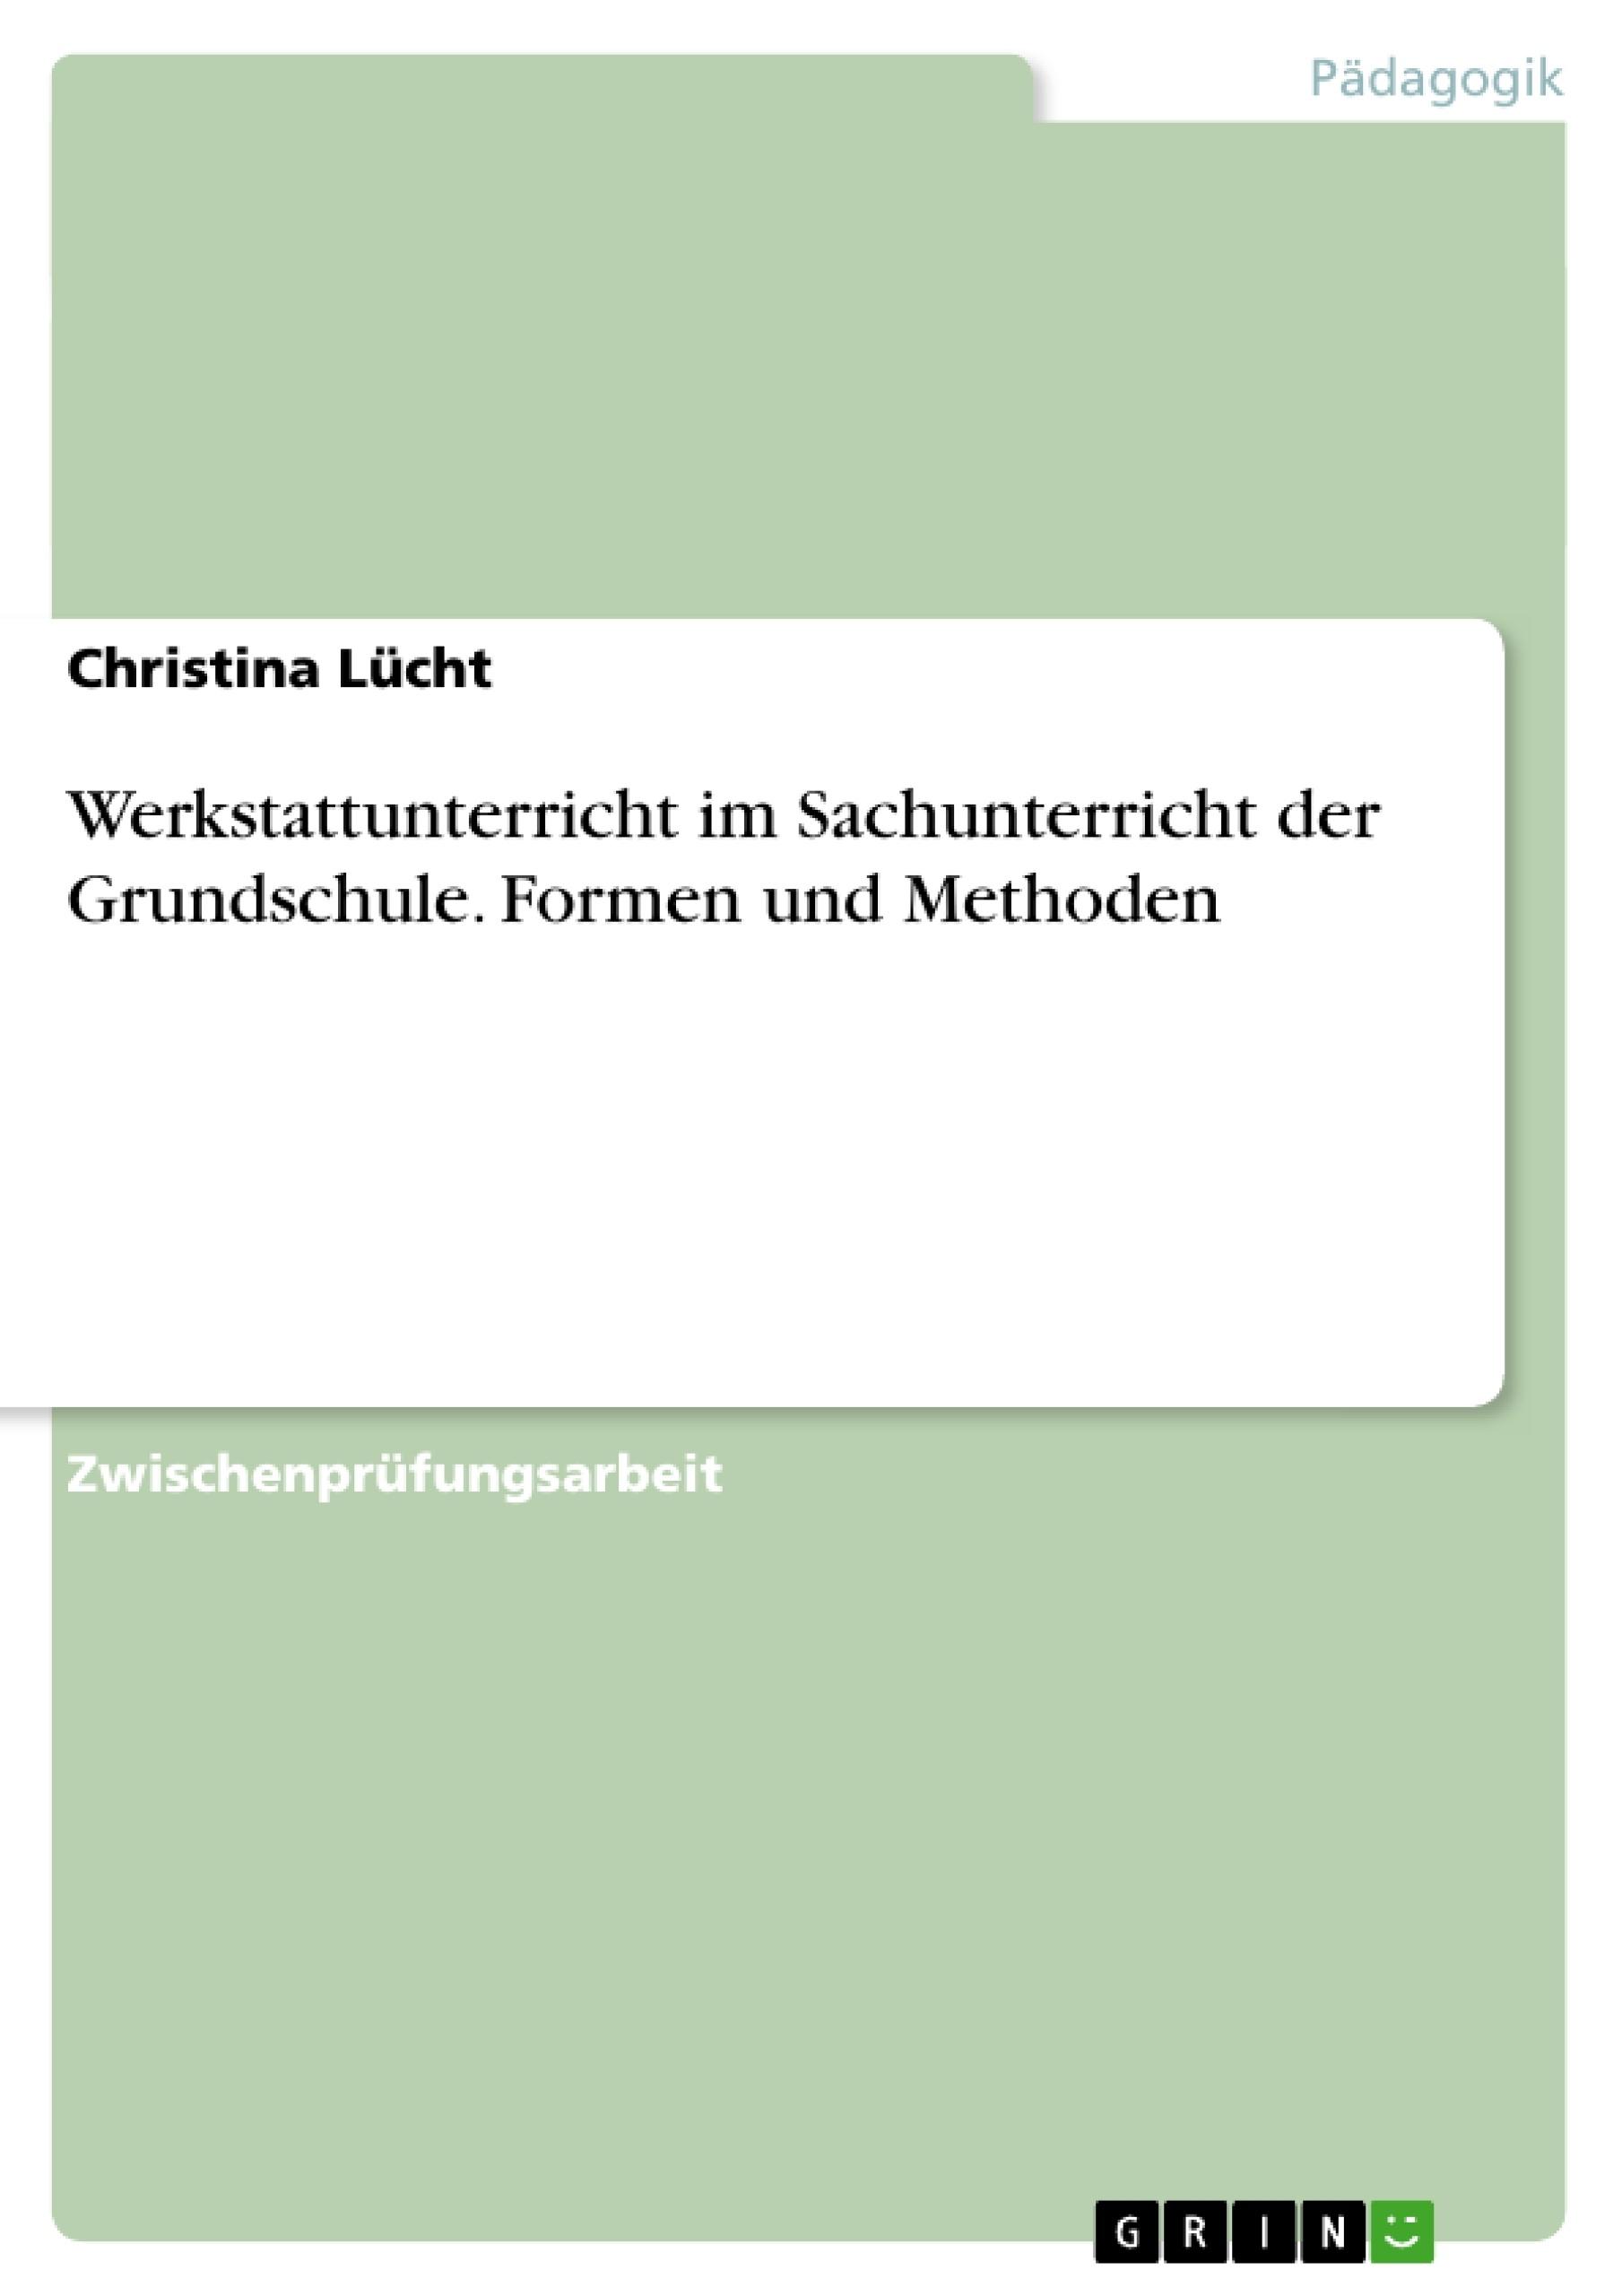 Titel: Werkstattunterricht im Sachunterricht der Grundschule. Formen und Methoden